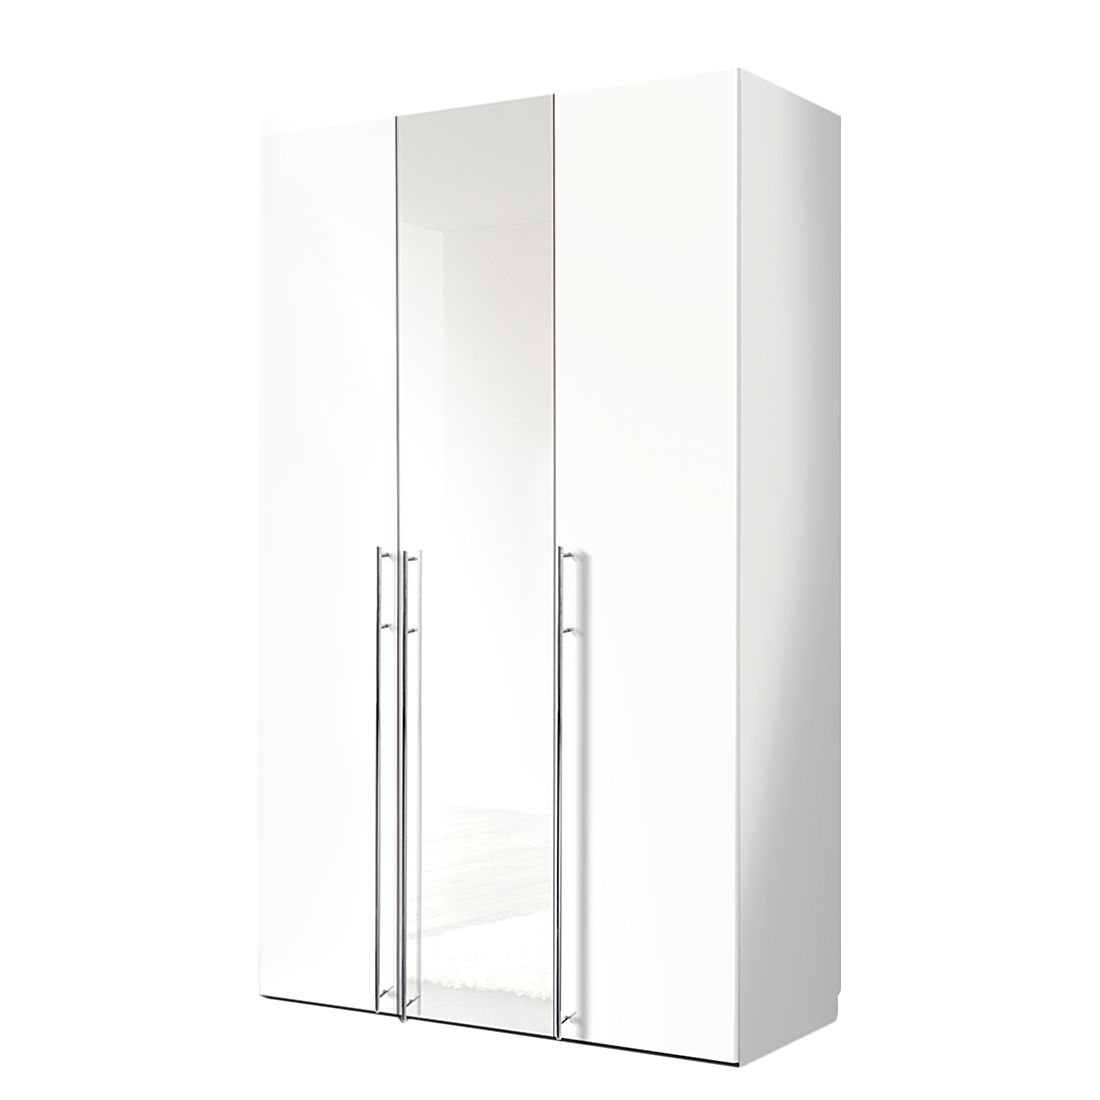 goedkoop Draaideurkast Brooklyn III wit wit gelakt 150cm 3 deurs 236cm Express Mobel